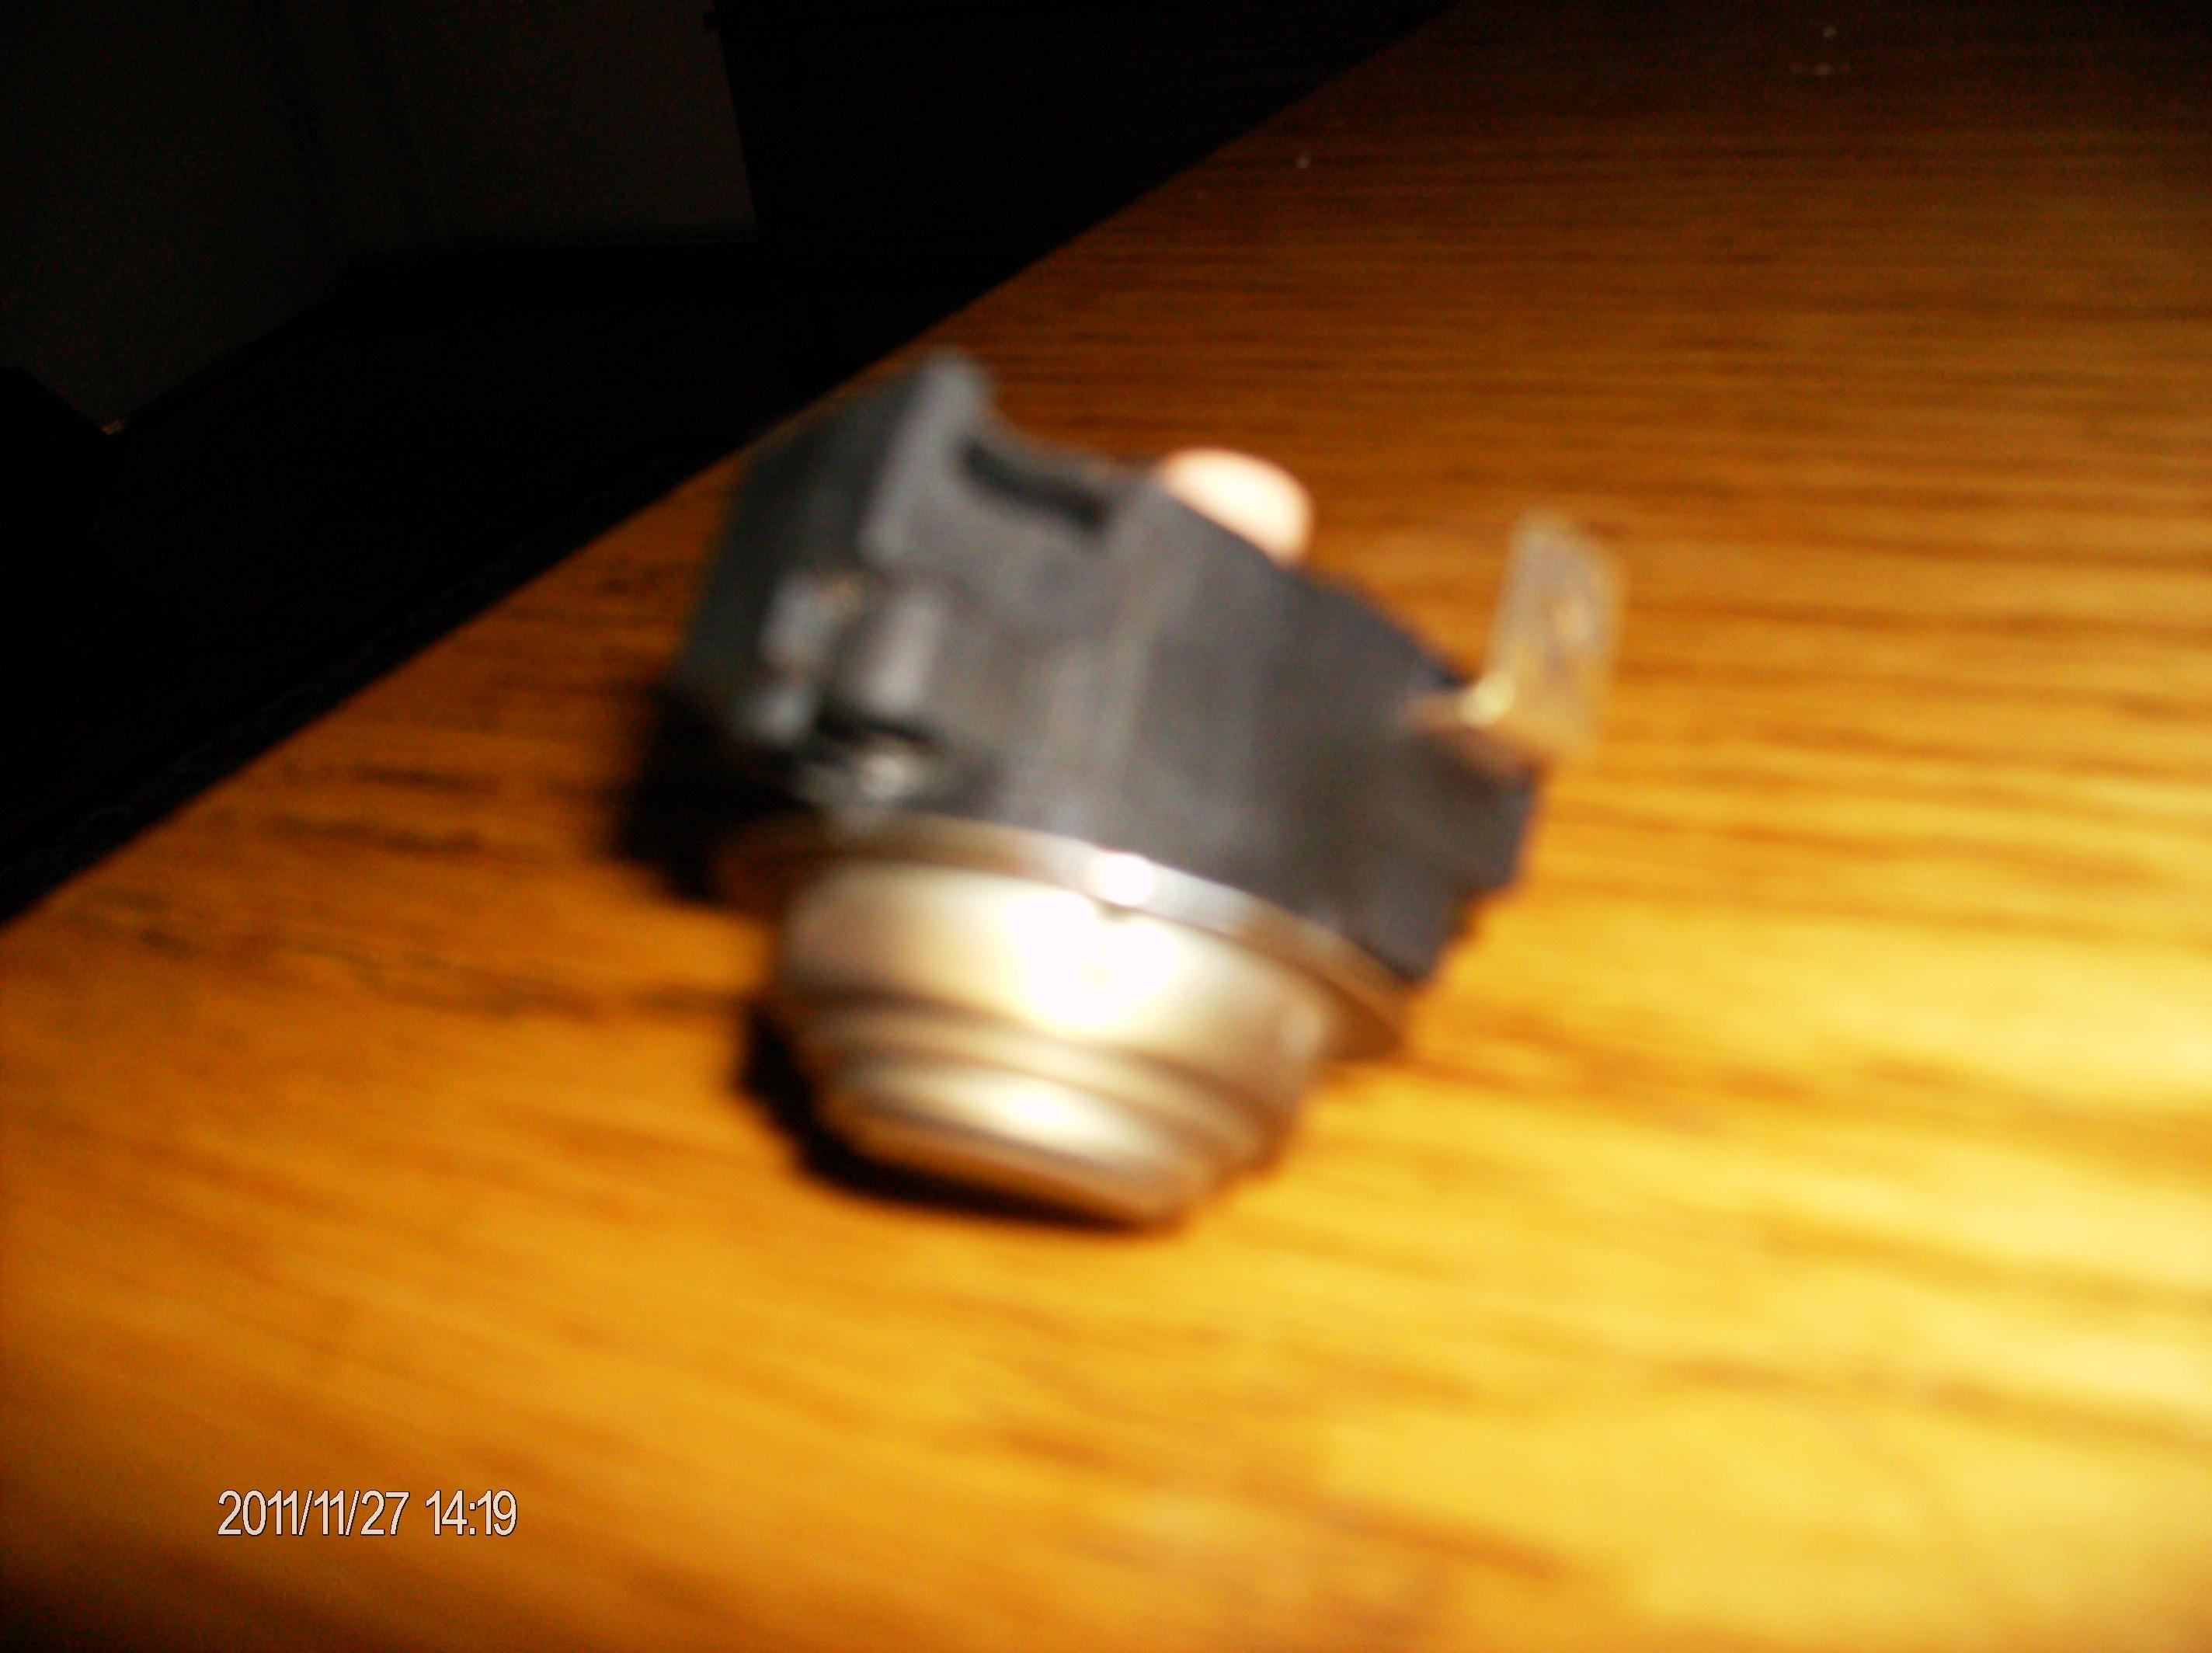 [Kupi�] termik -czujnik tep. do bojlera elektrycznego electrolux ewh